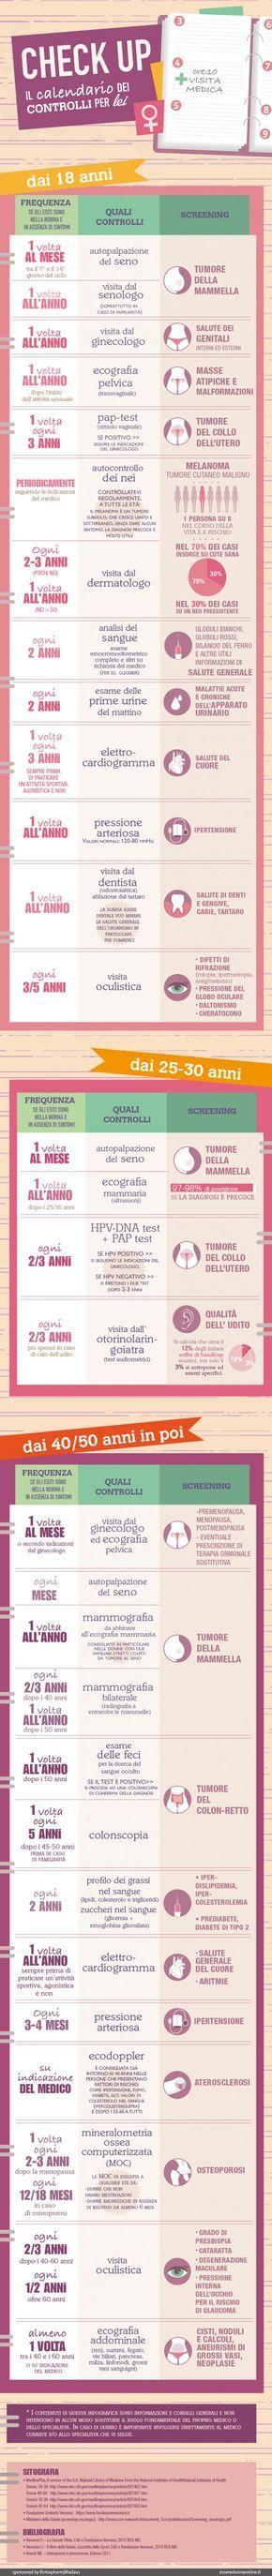 Check up: il calendario degli esami per lei - Infografica Esseredonnaonline